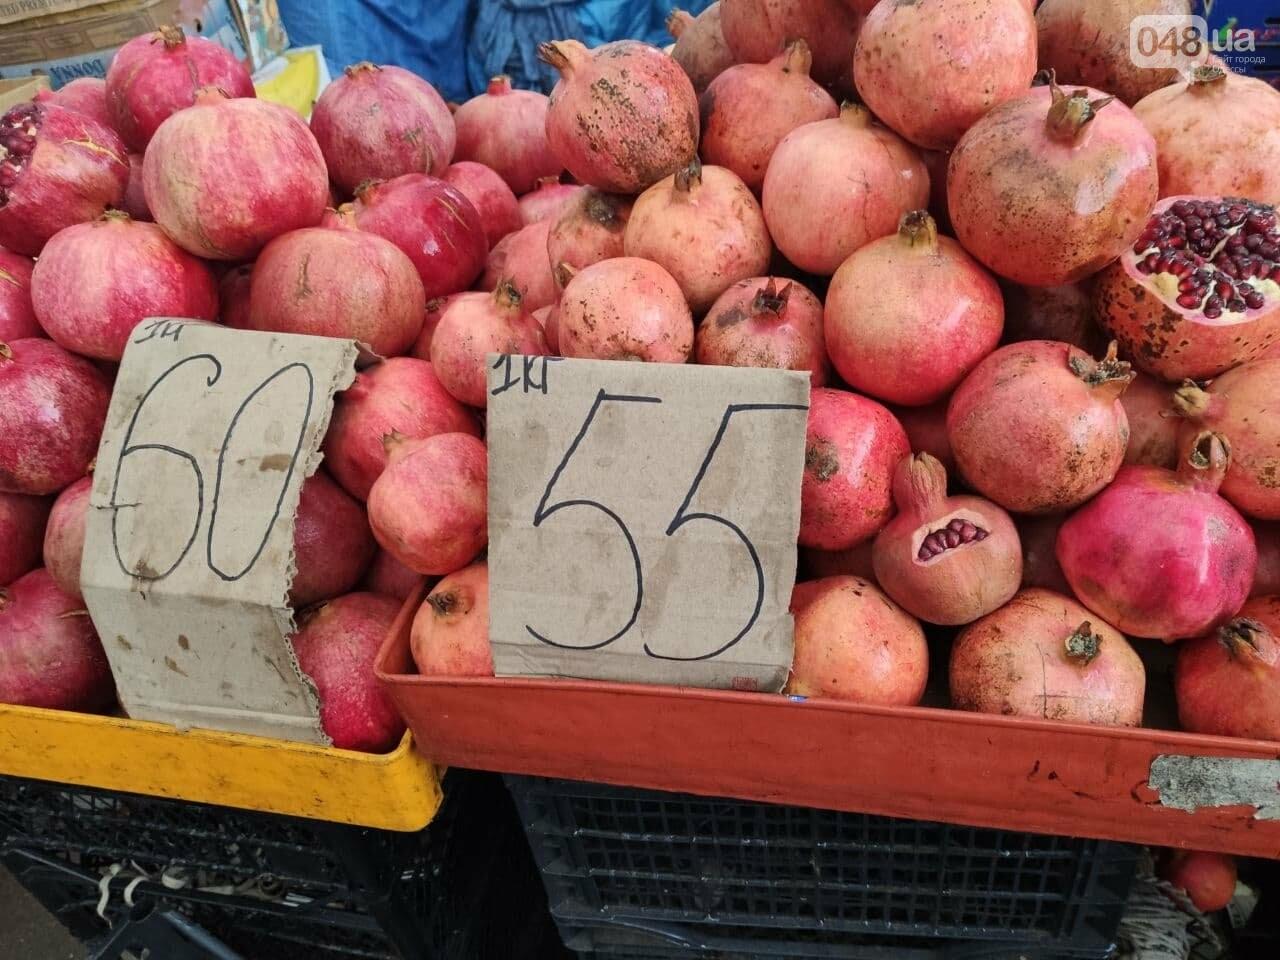 Черри, авокадо, грейпфрут: почем на одесском Привозе овощи и фрукты, фото-5